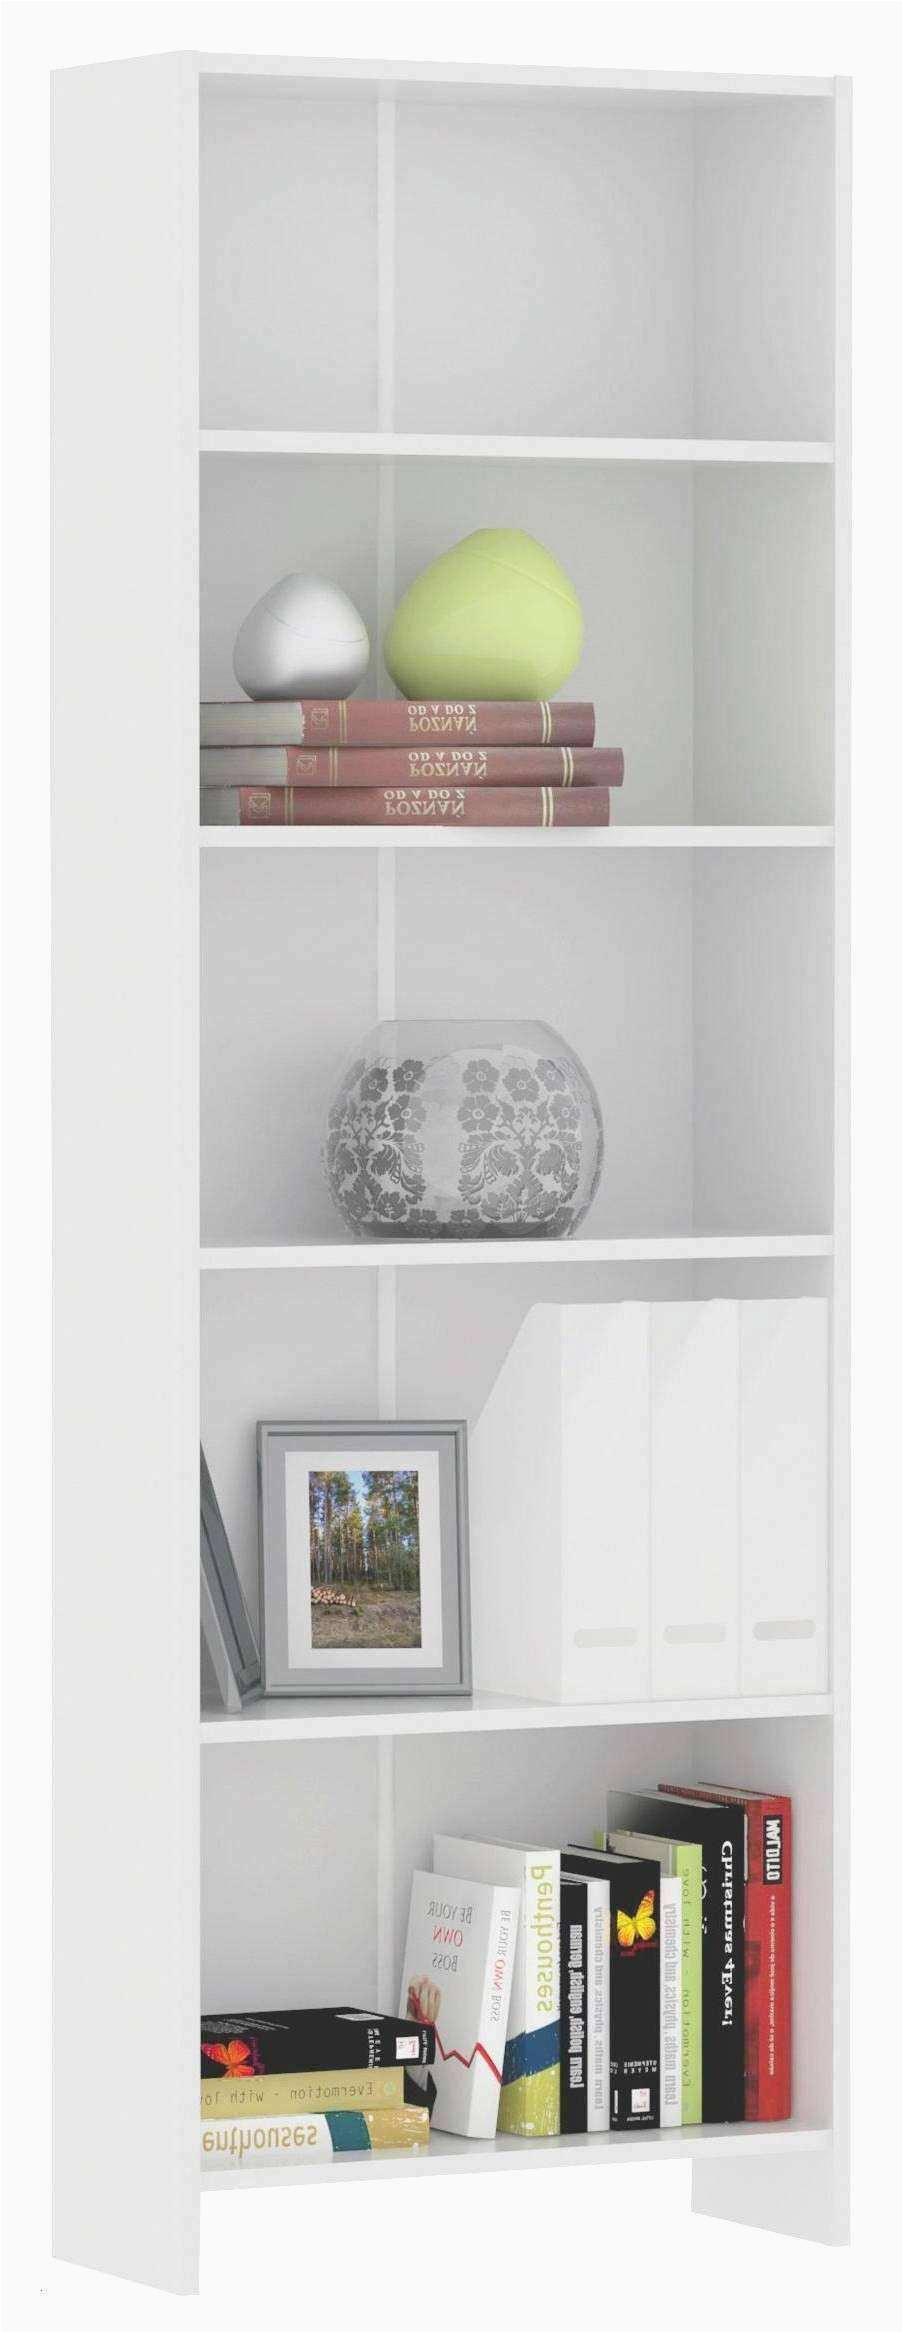 fototapete fur kuche genial luxus einrichtungsvorschlage wohnzimmer modern konzept of fototapete fur kuche